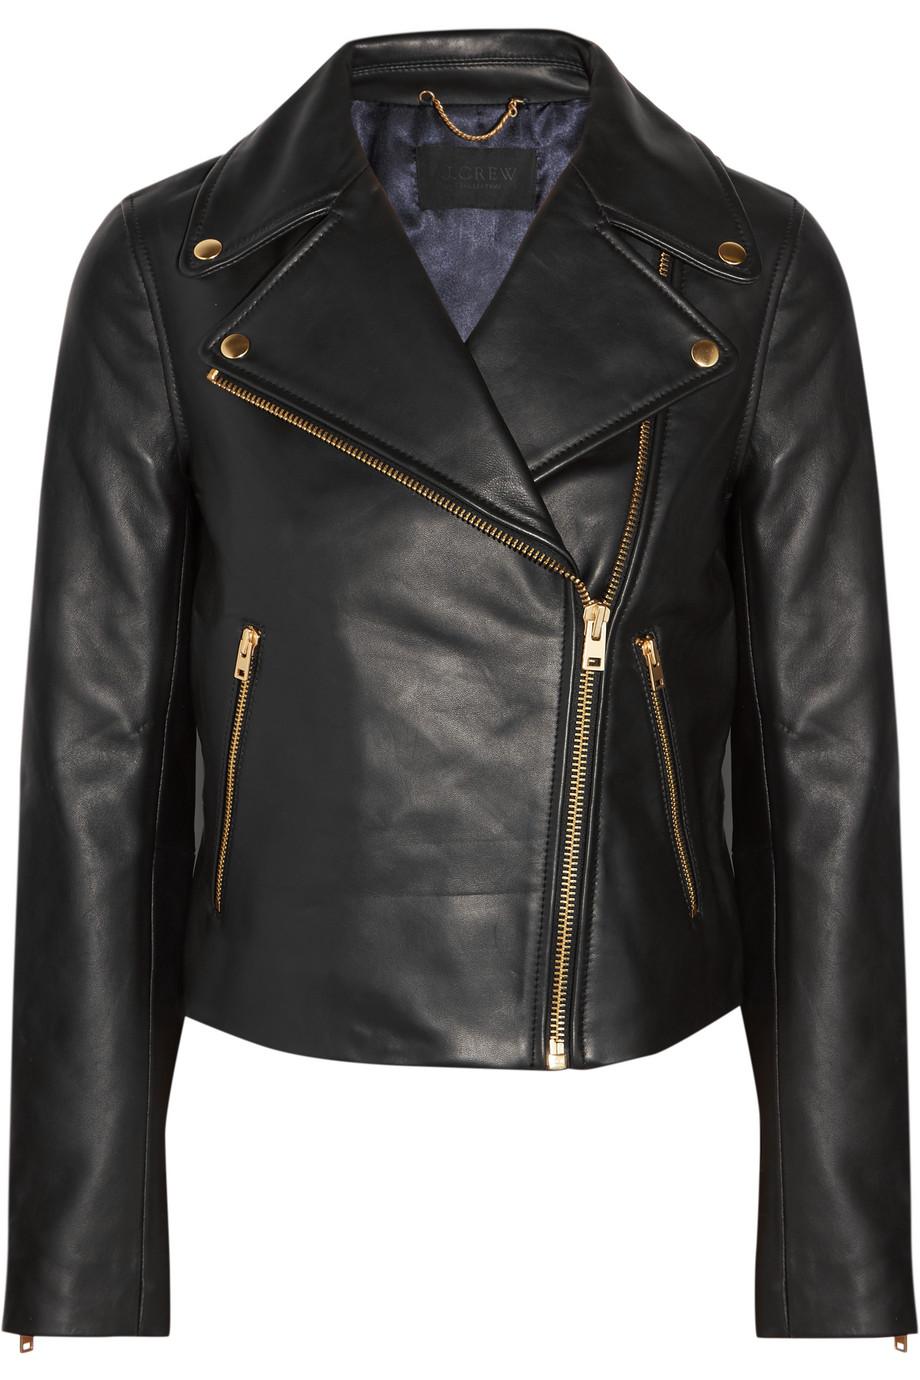 J.Crew Leather Biker Jacket, Black, Women's, Size: 10